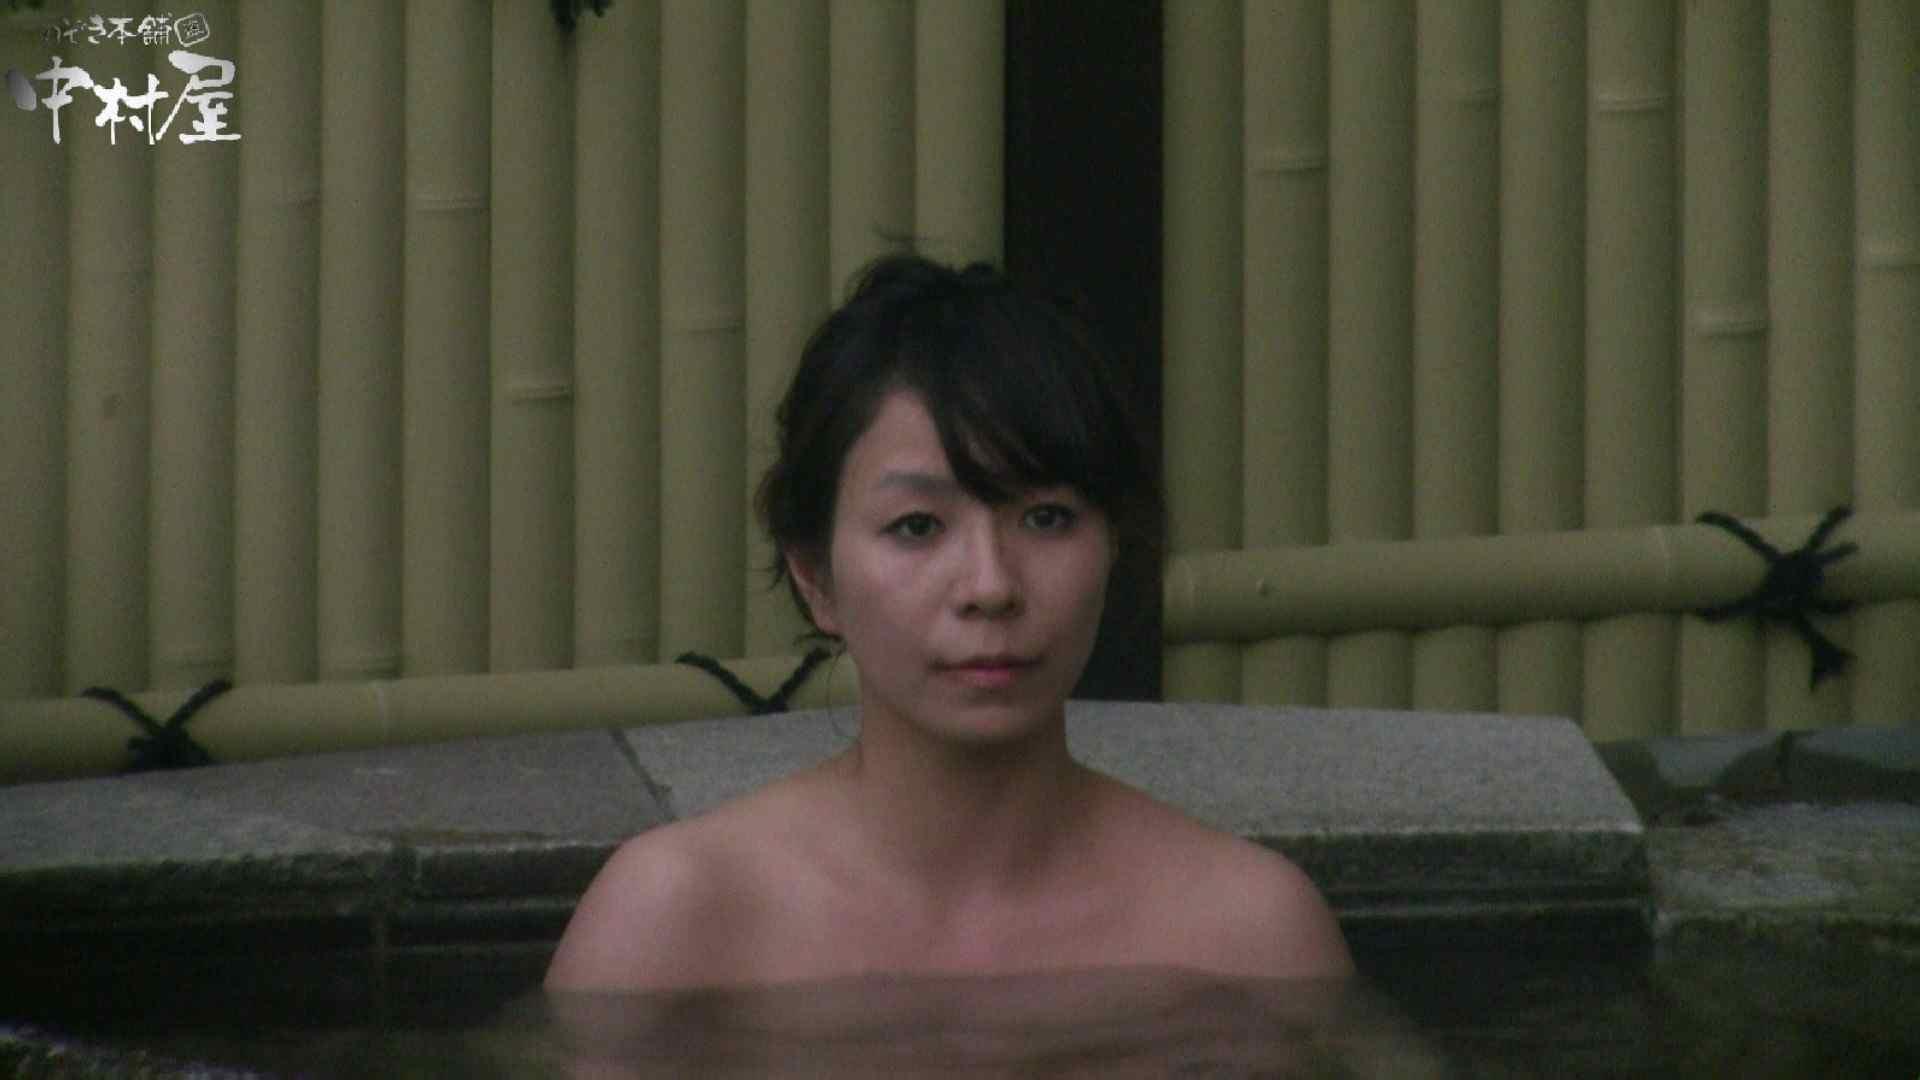 Aquaな露天風呂Vol.930 0   0  101pic 17